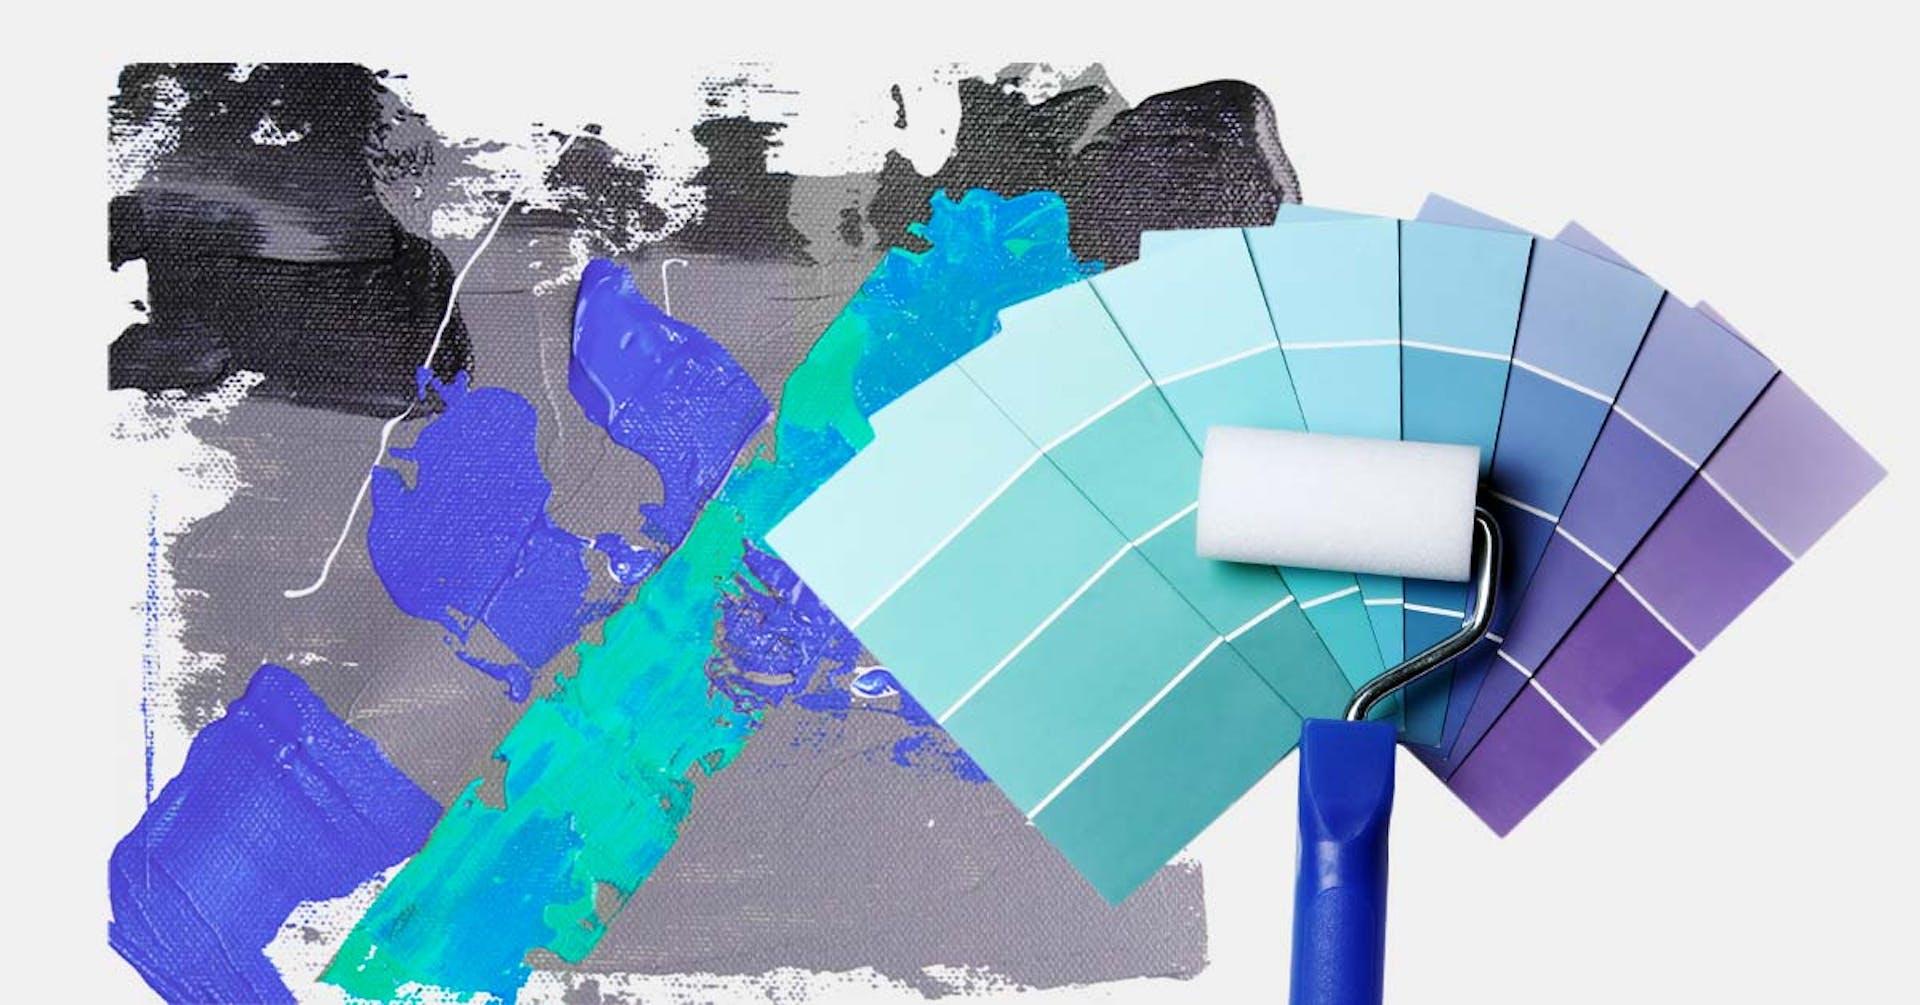 Formas de mezclar colores en tus pinturas que ni Picasso conocía